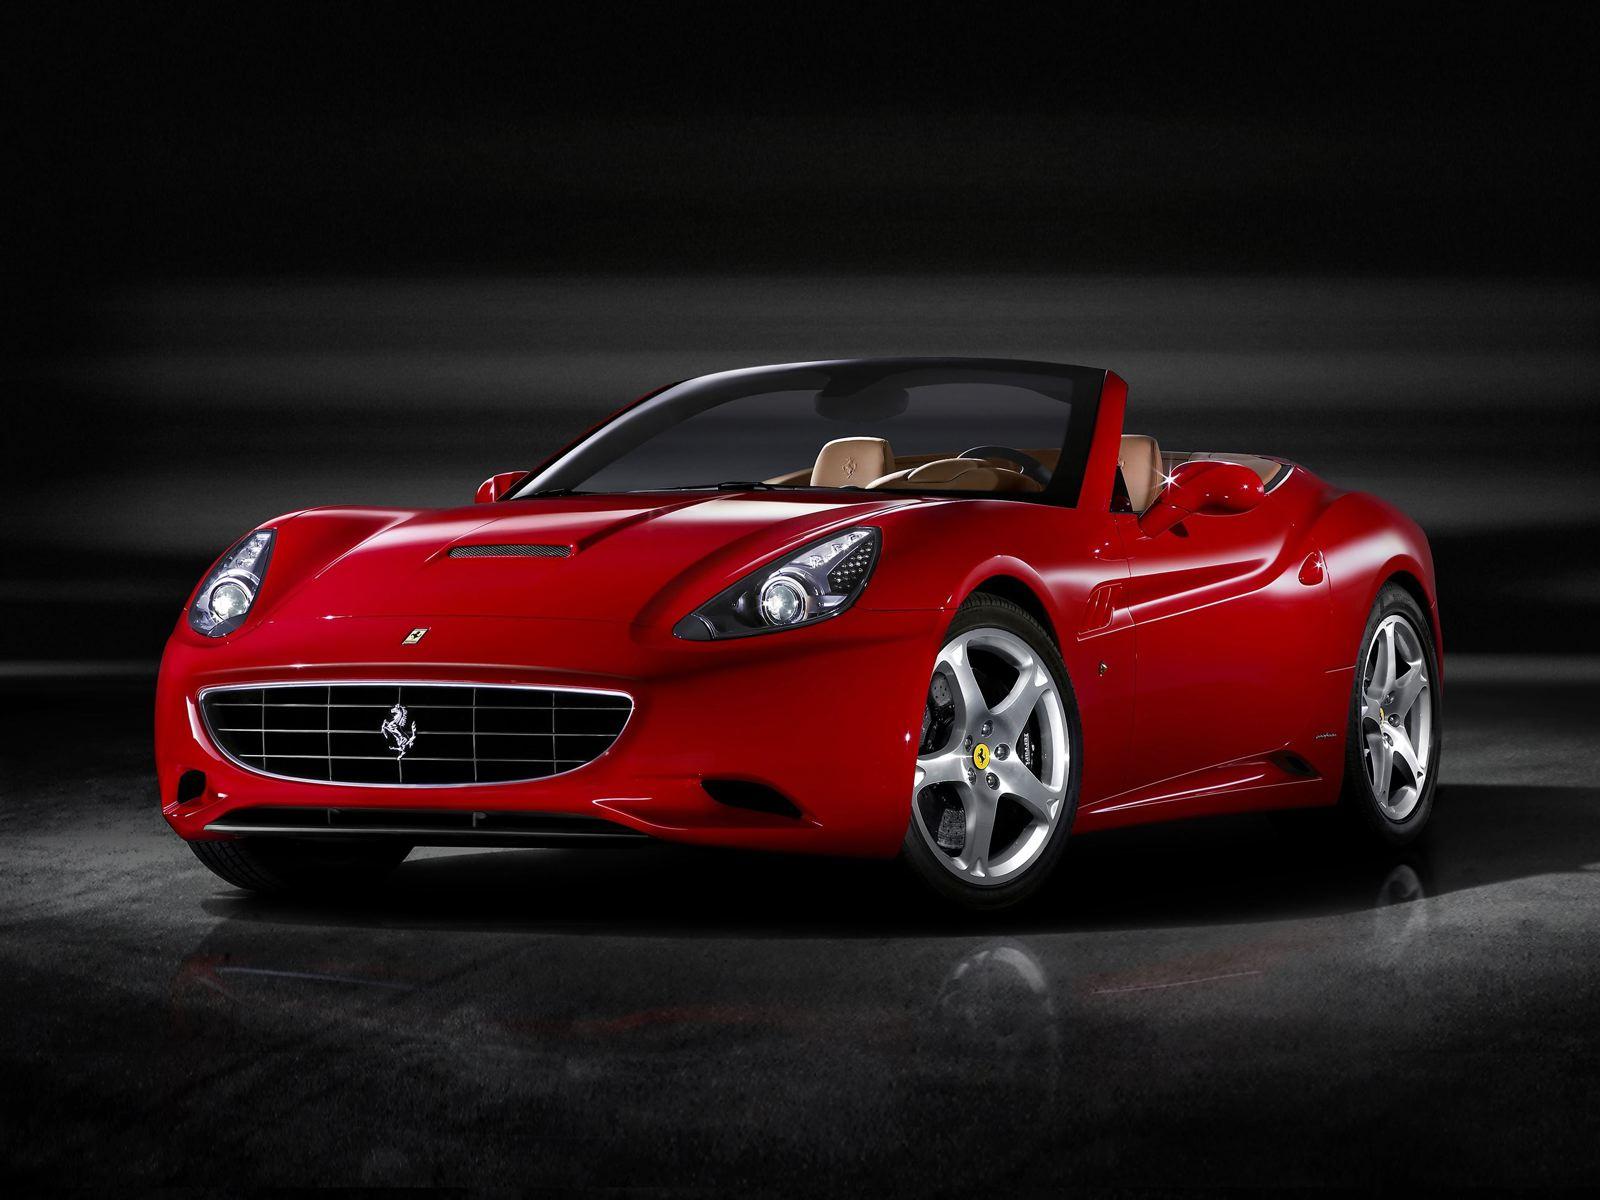 Report - 2015 Ferrari California to get Twin Turbo V8